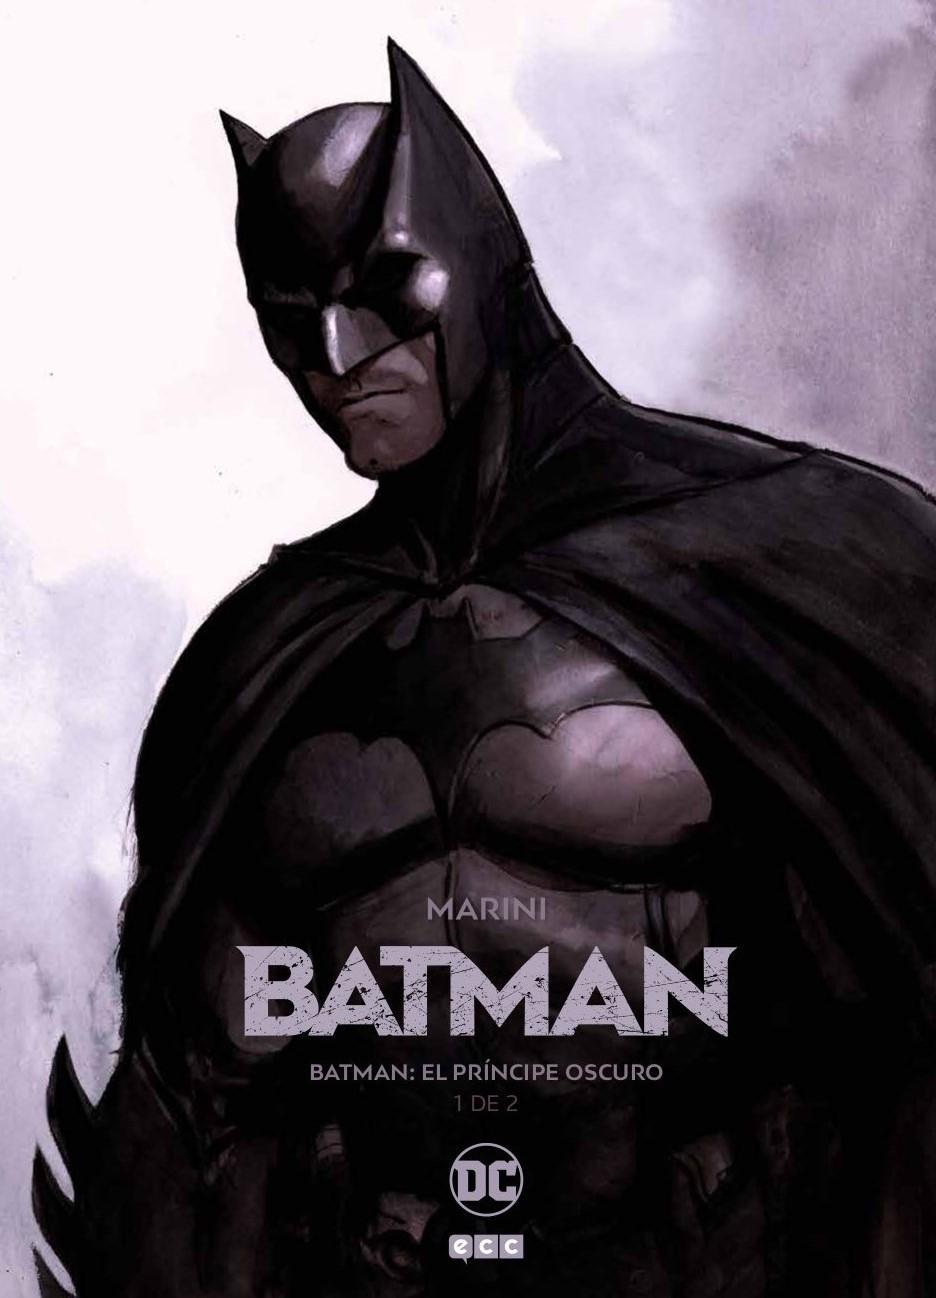 UN POCO DE NOVENO ARTE - Página 11 Batman_principe_oscuro_1_cubierta